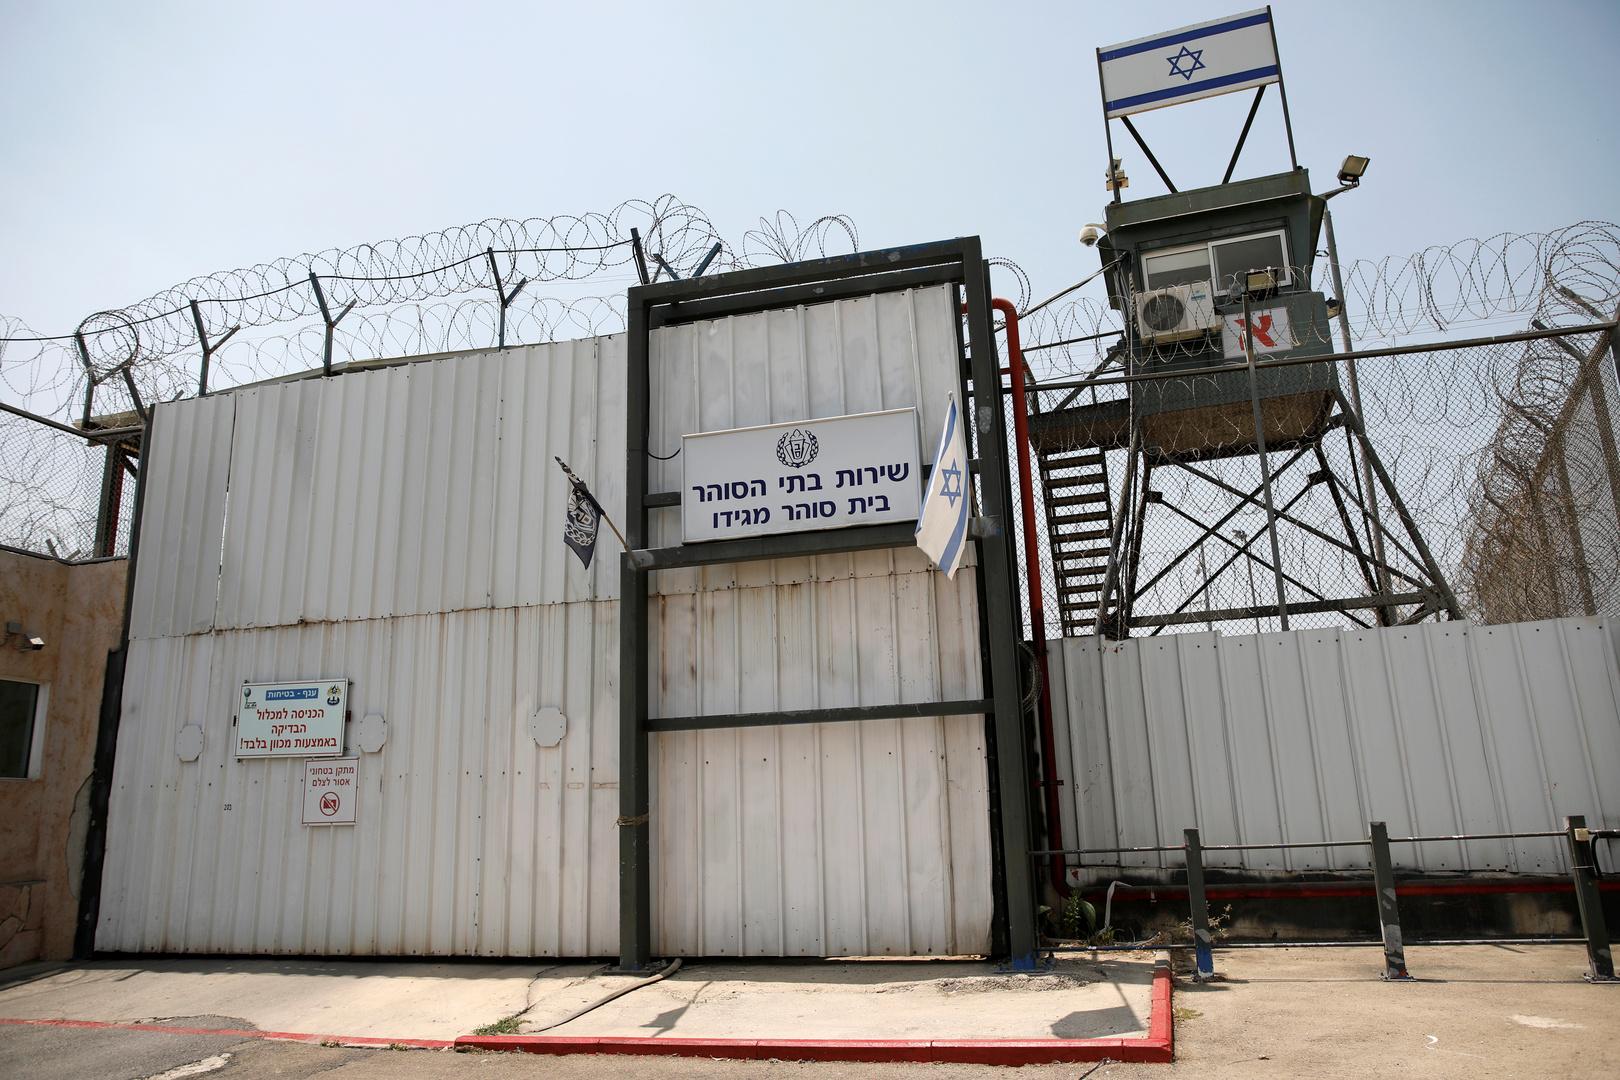 إسرائيل تفرج عن أسير فلسطيني بعد إضراب عن الطعام دام أكثر من شهرين